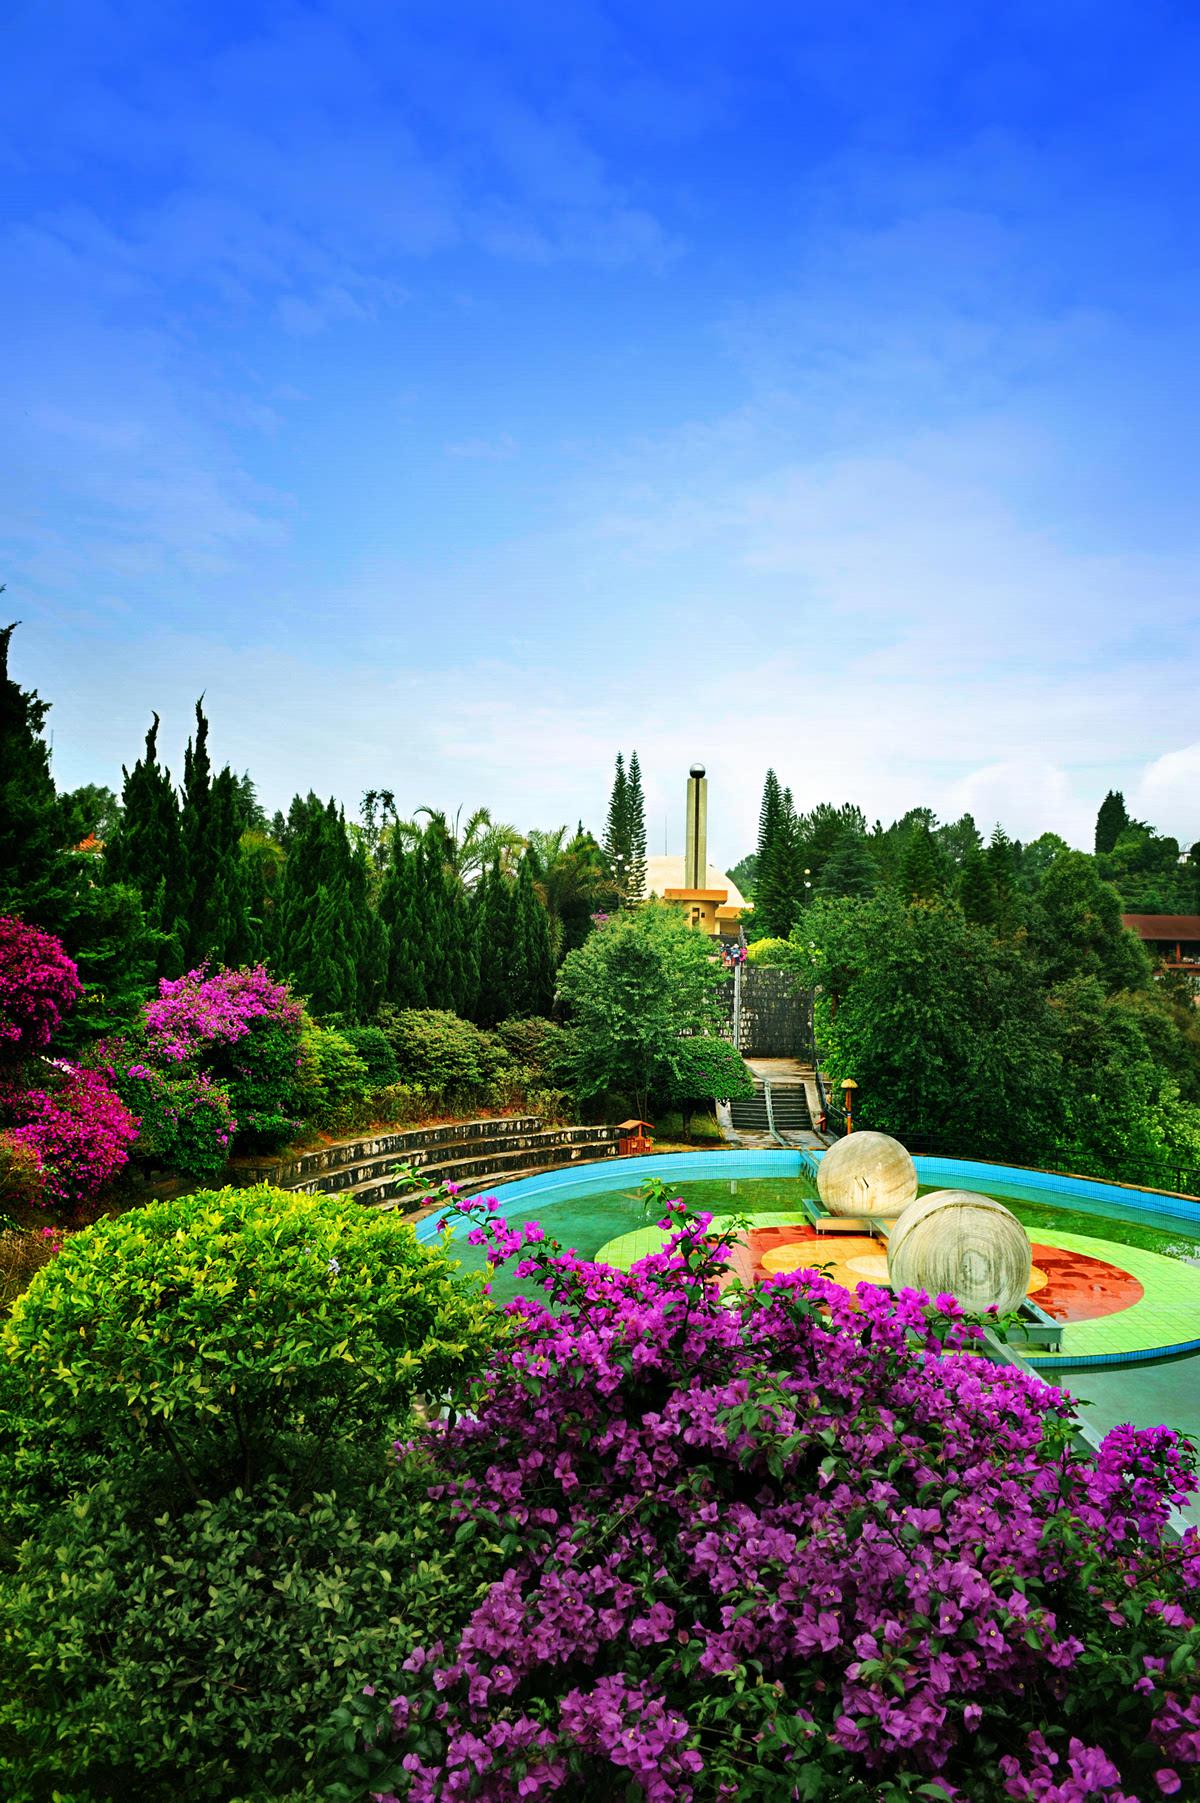 云南野生动物园Day1云南野生动物园 墨江哈尼族自治县到云南旅游,一般都是选择